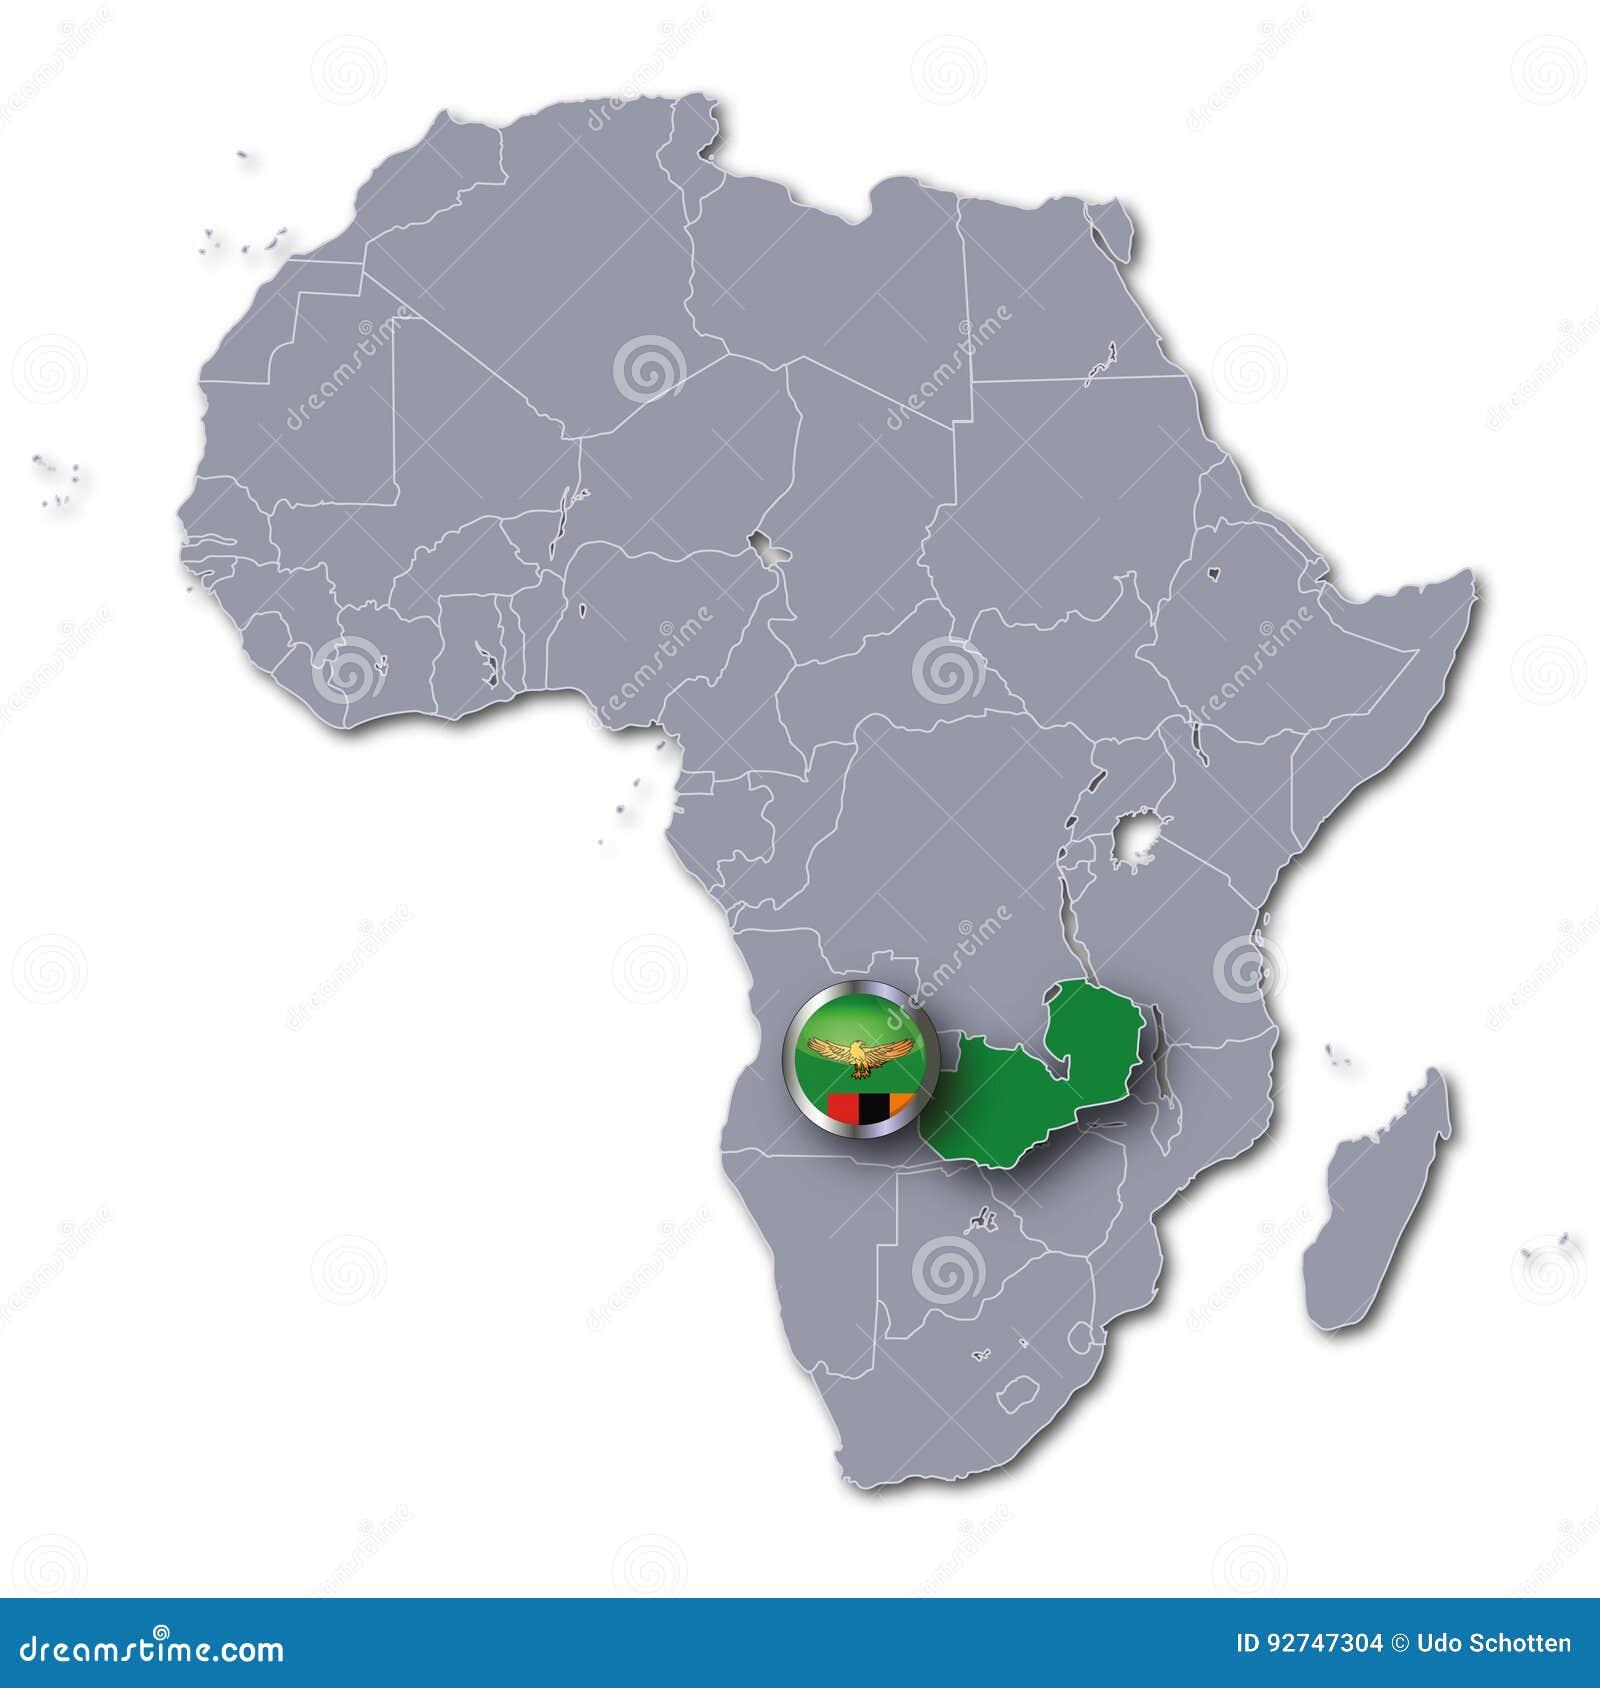 Carte Afrique Zambie.Carte De L Afrique Avec La Zambie Illustration Stock